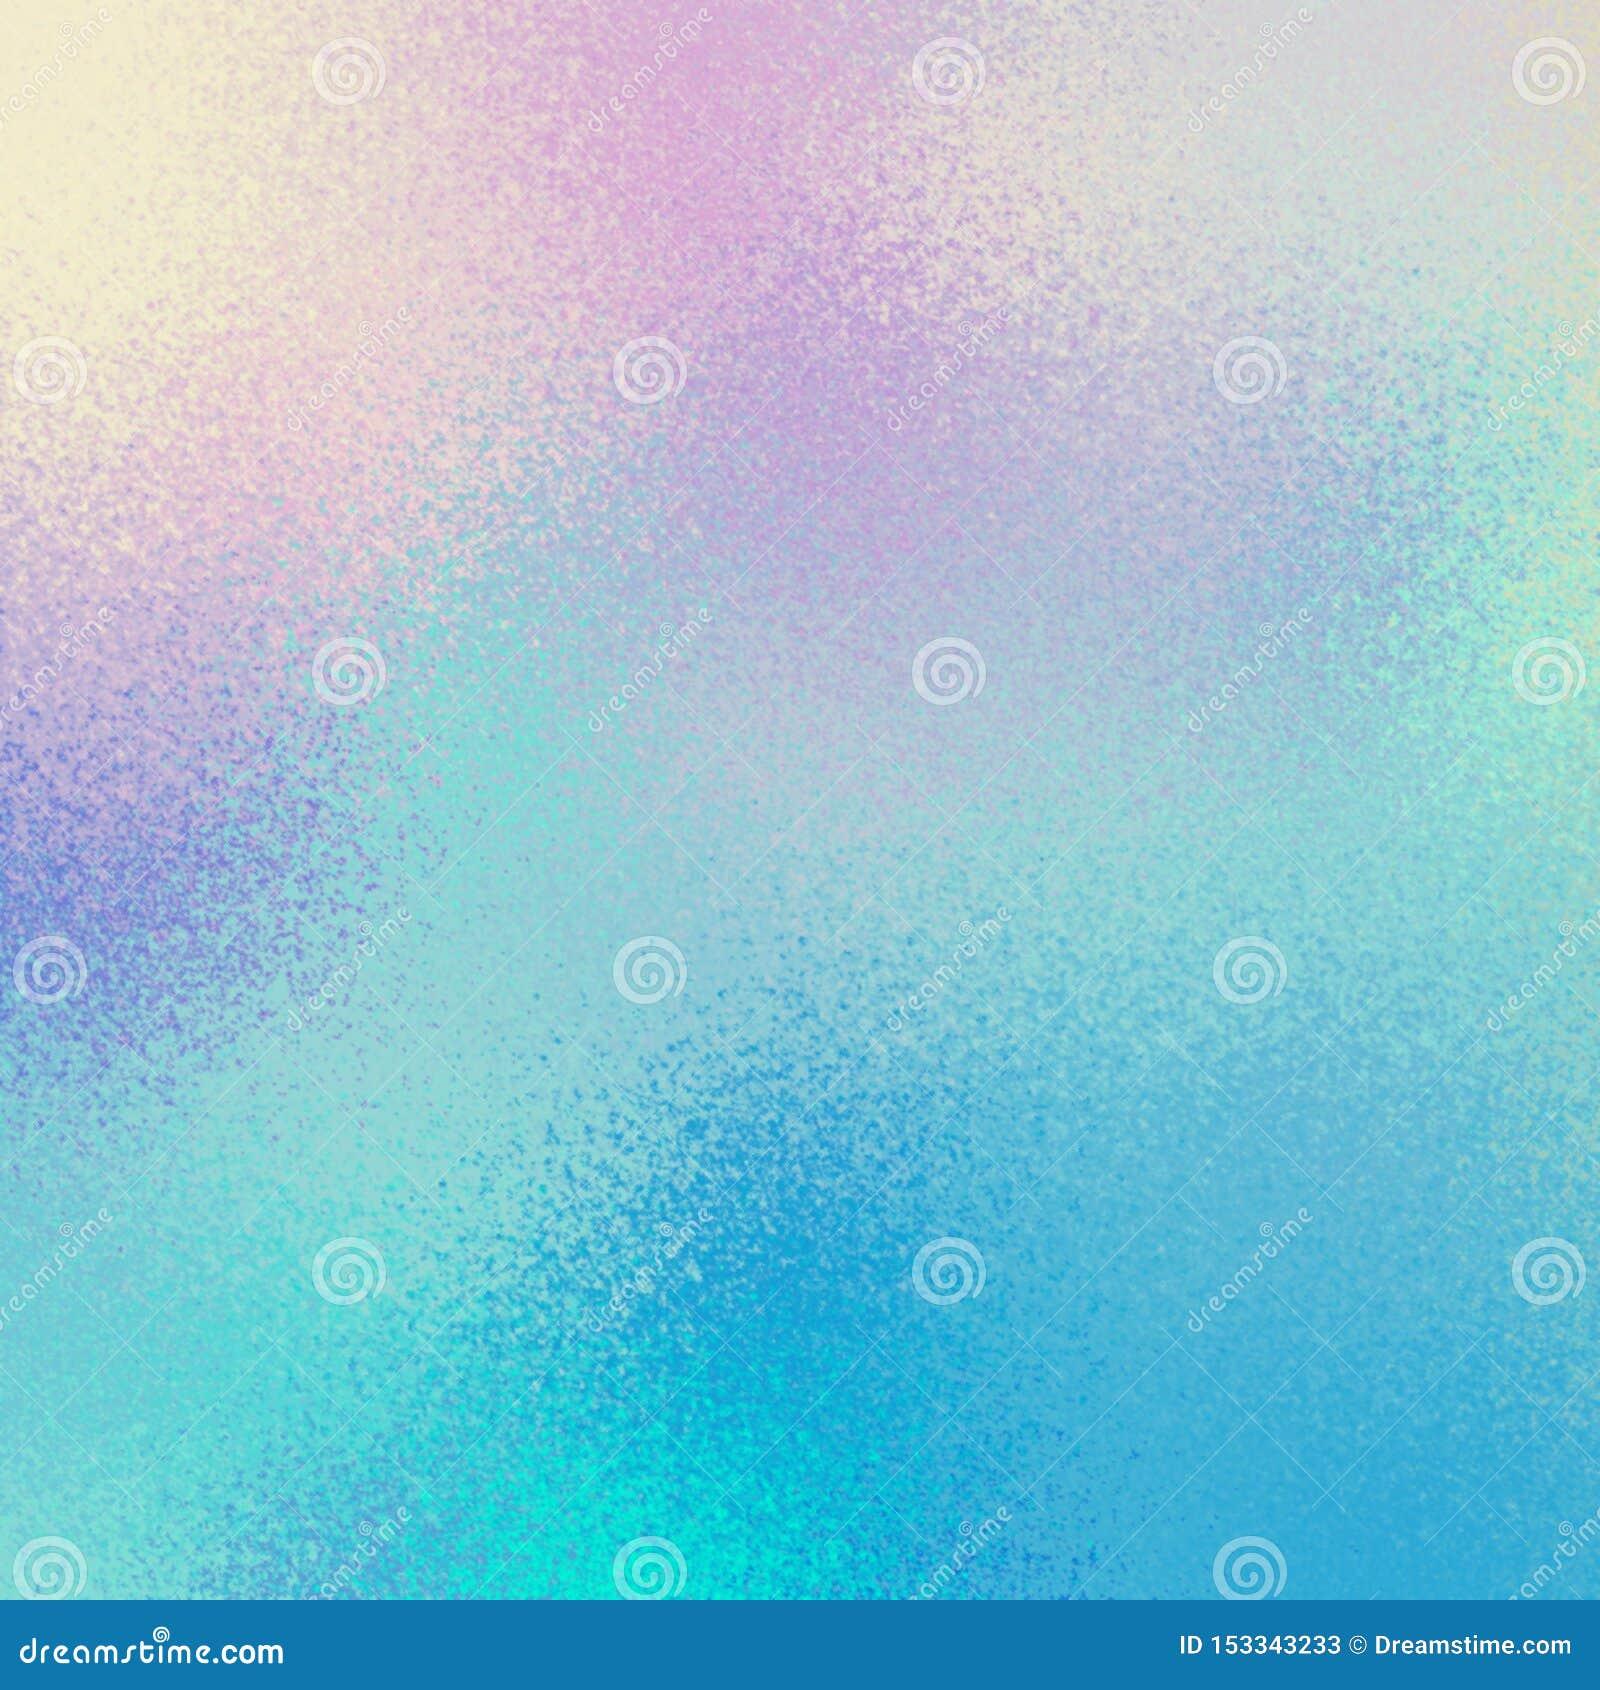 Σαφής παγωμένη σύσταση γυαλιού ουρανού Μπλε ρόδινο shimmer κλίσης bacground